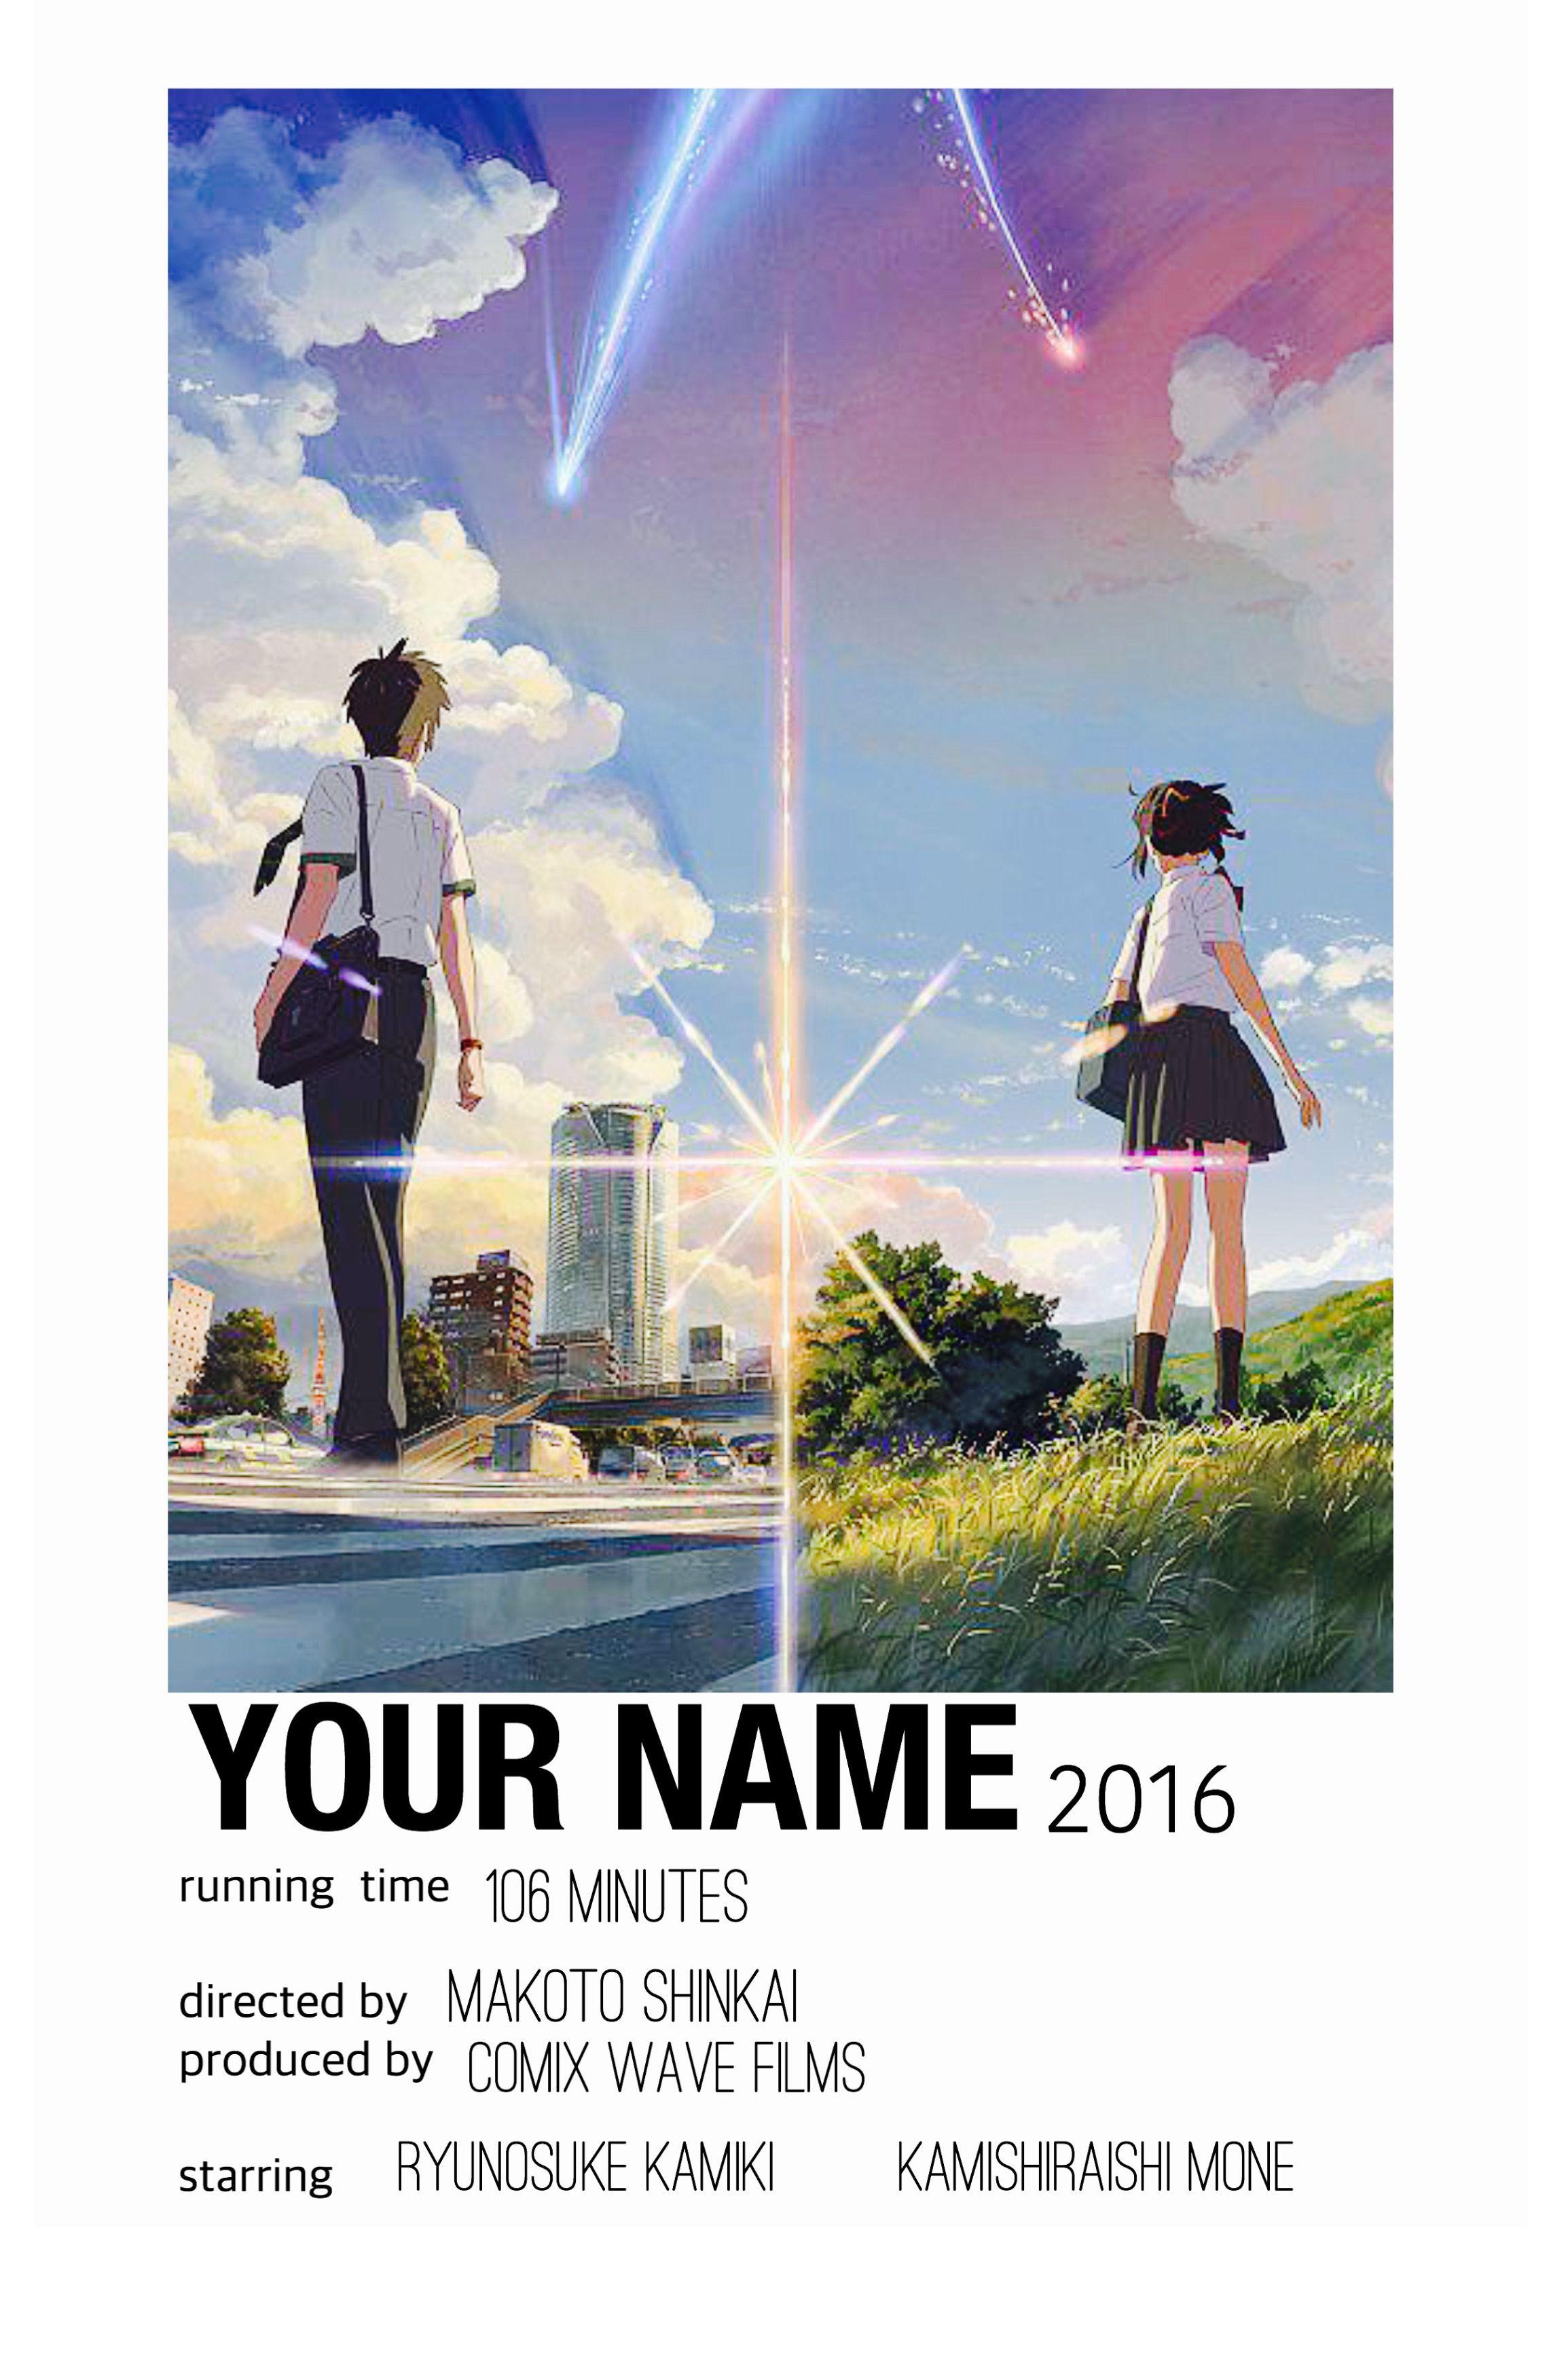 film posters minimalist anime